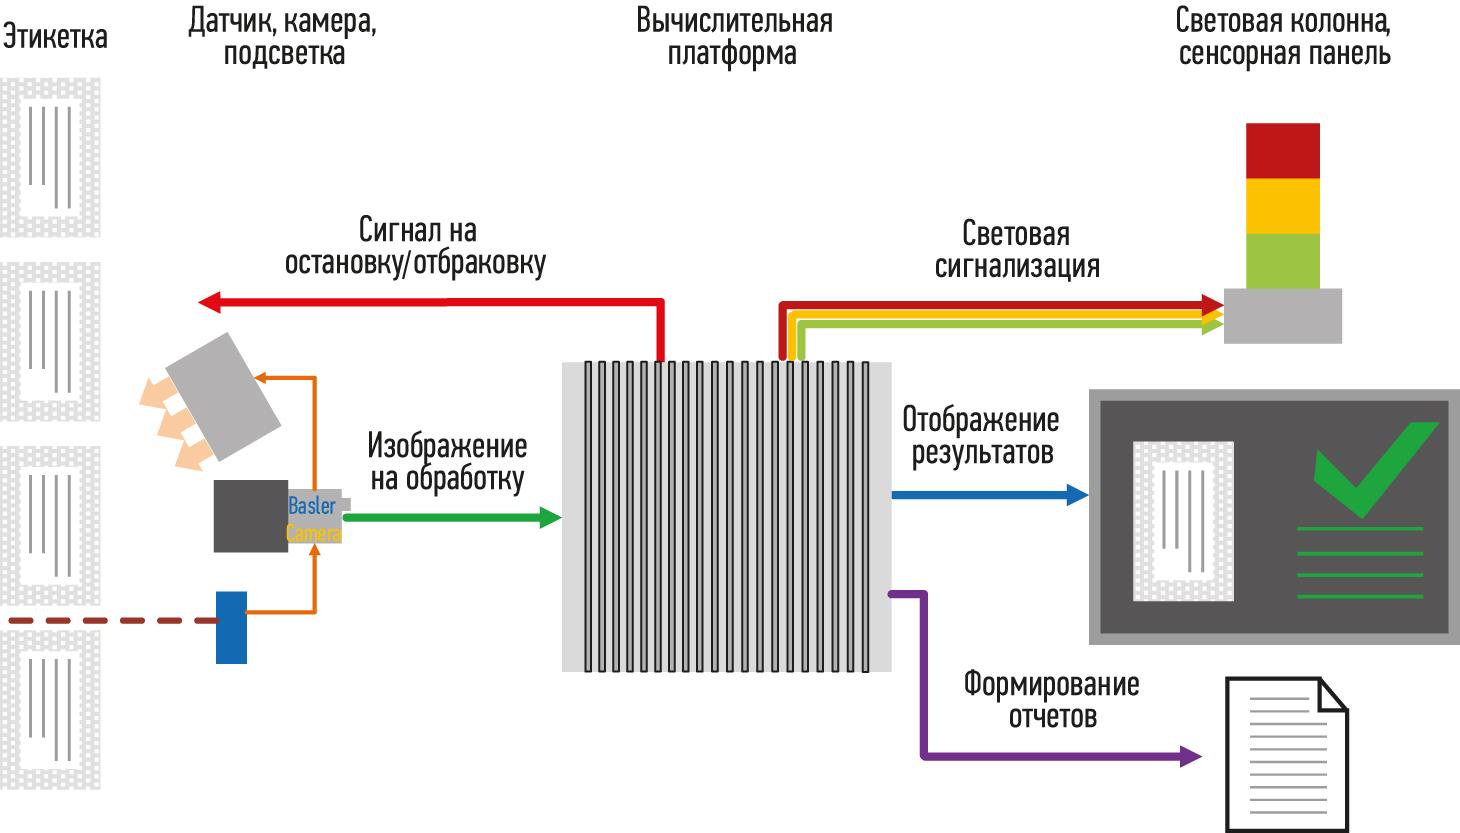 Структурная схема системы машинного зрения